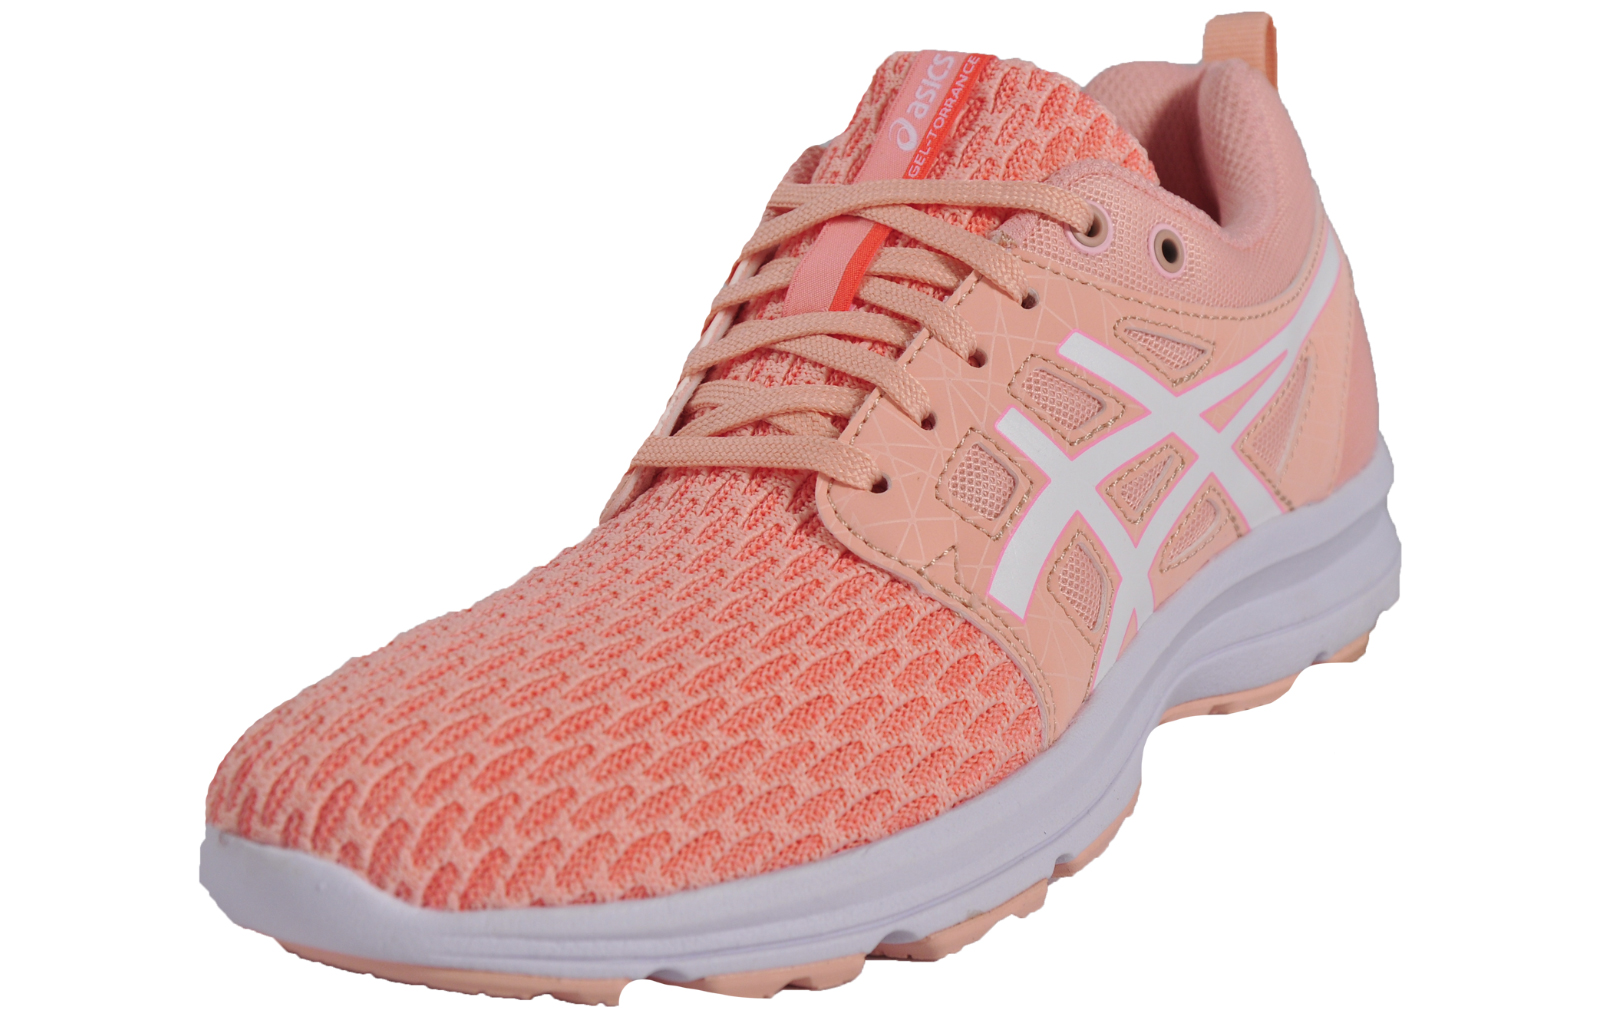 Chaussures ASICS Gel Torrance 1022A116 BakedpinkWhite 710